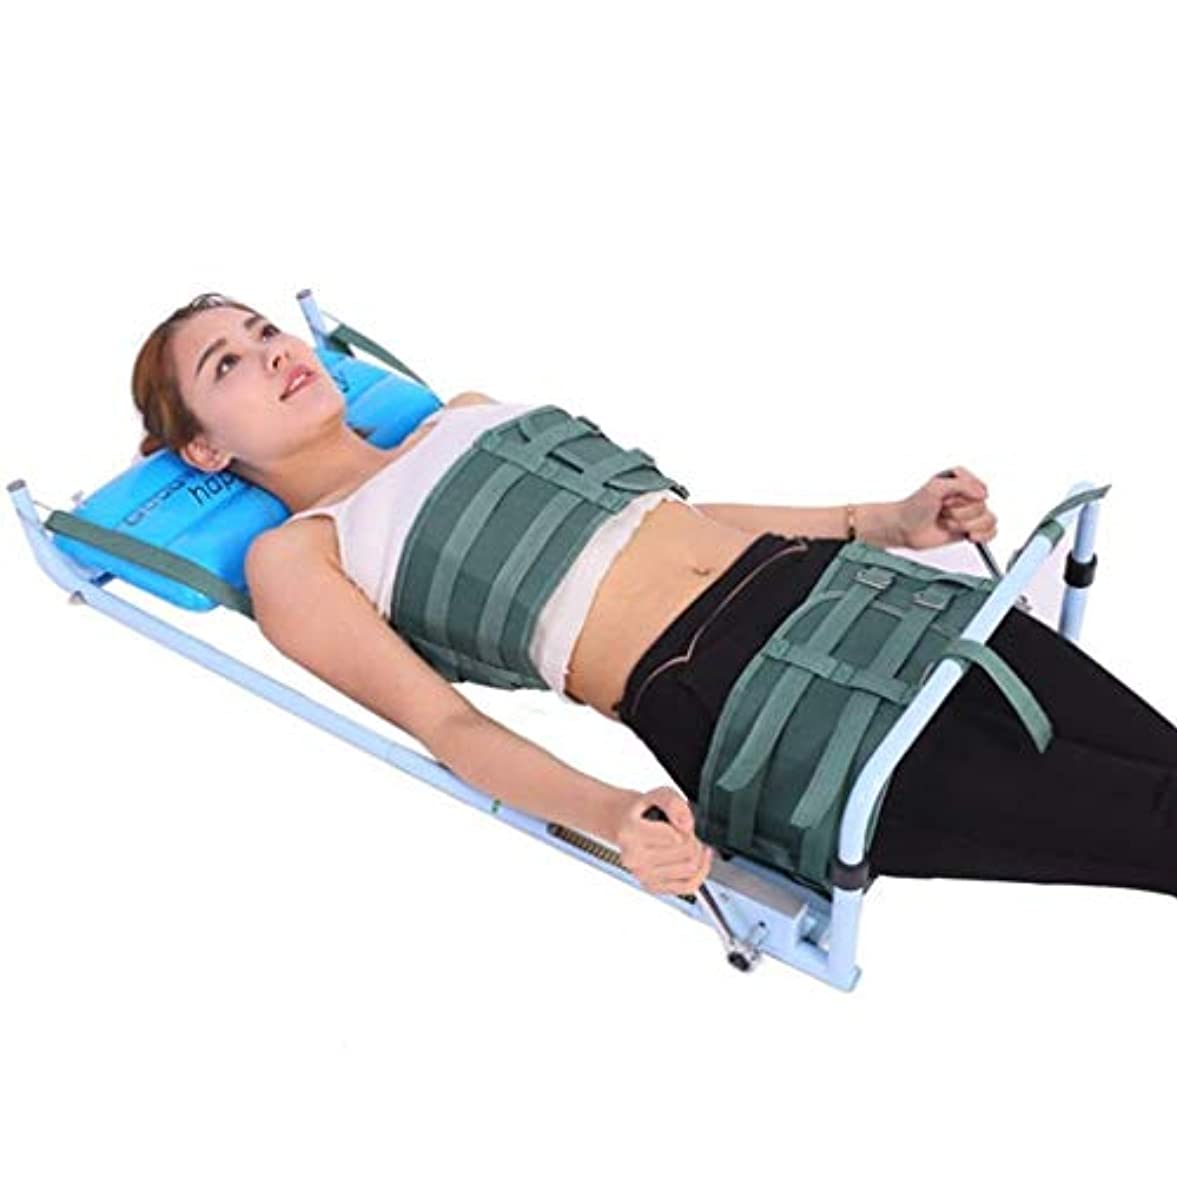 脅かす囚人相互矯正装置、腰椎牽引装置、子宮頸部ストレッチストレッチャー装置、改善された脊椎姿勢装具